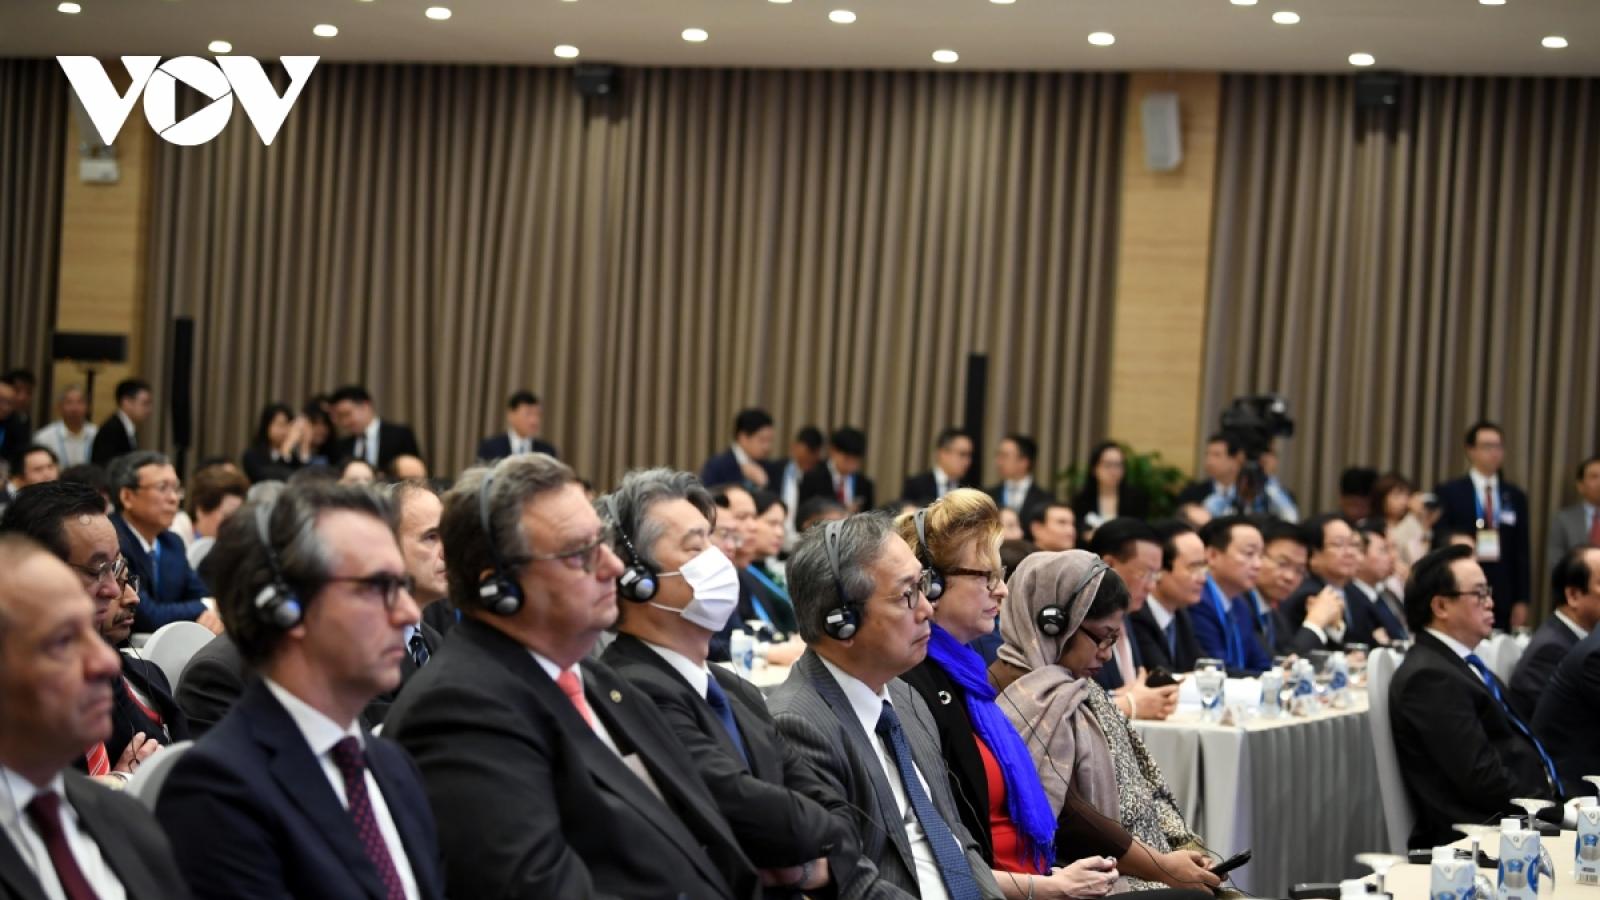 Học giả Nga: Mỹ sẽ tham gia tích cực hơn vào các nền tảng lấy ASEAN làm trung tâm